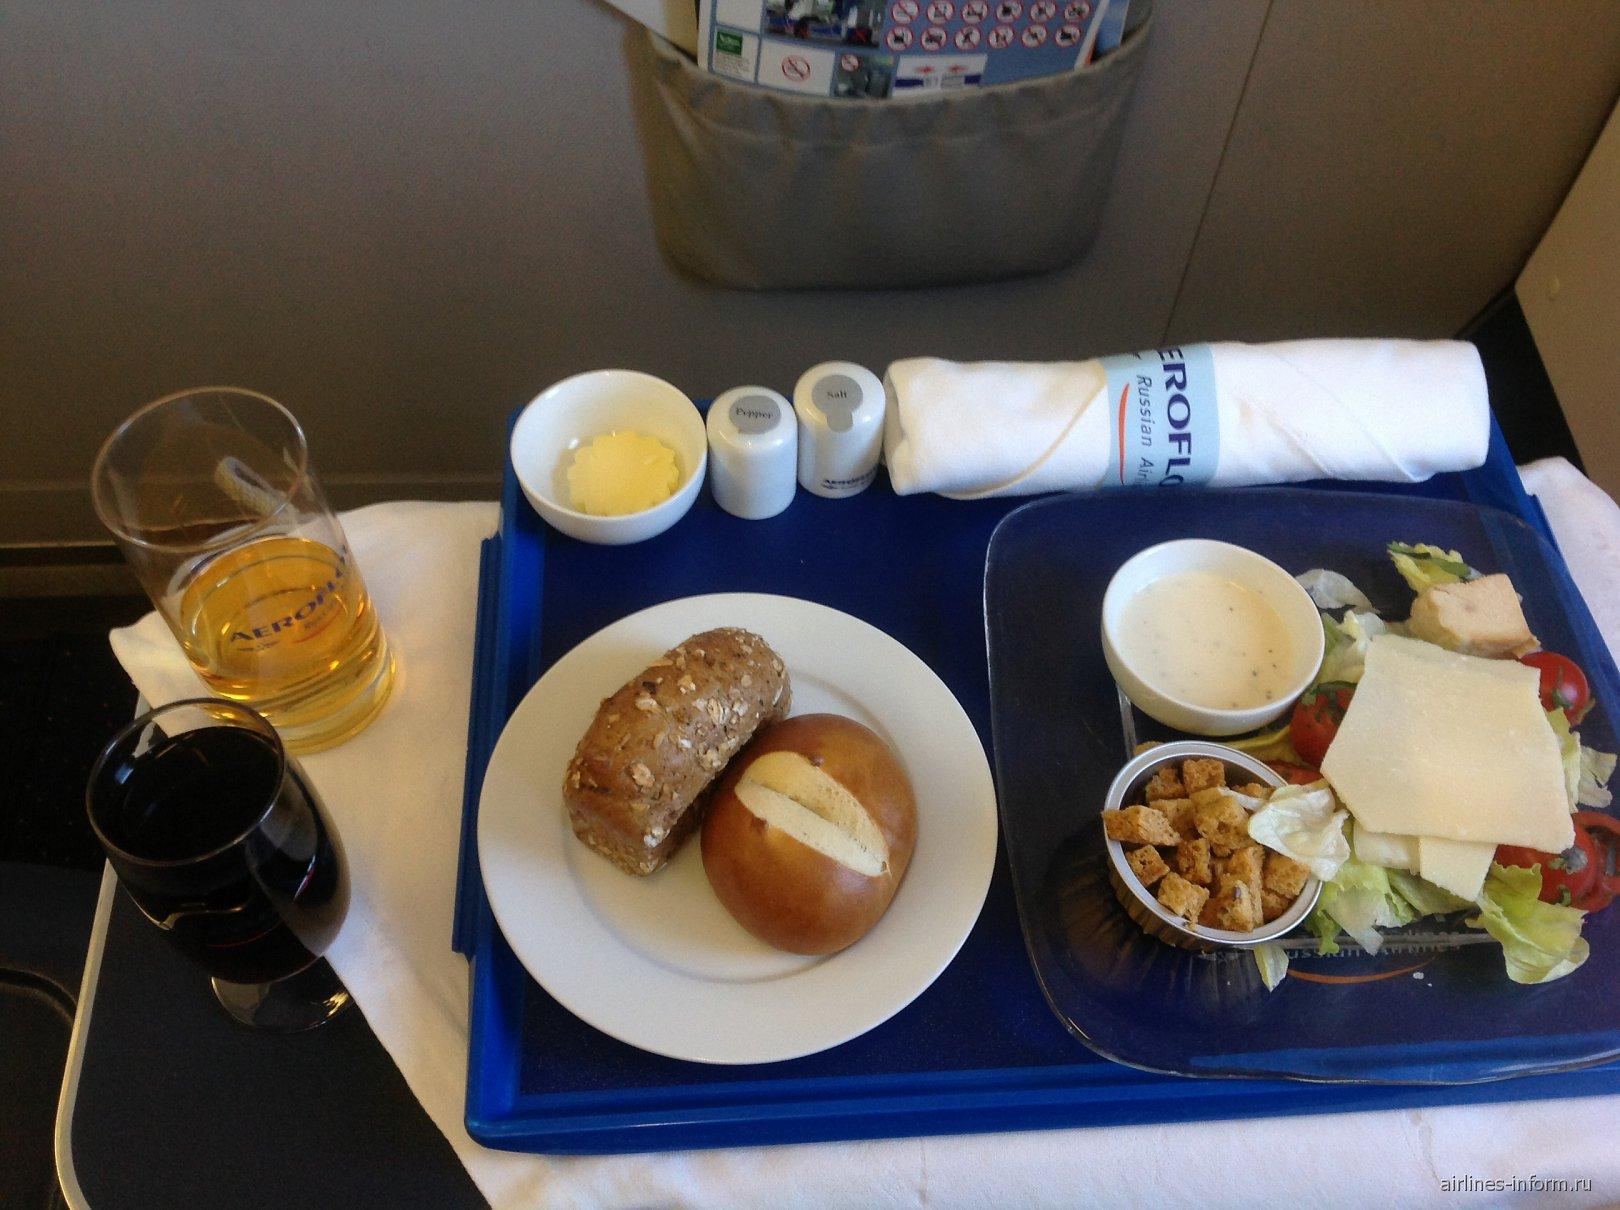 Питание в бизнес-классе Аэрофлота на рейсе Бишкек-Москва